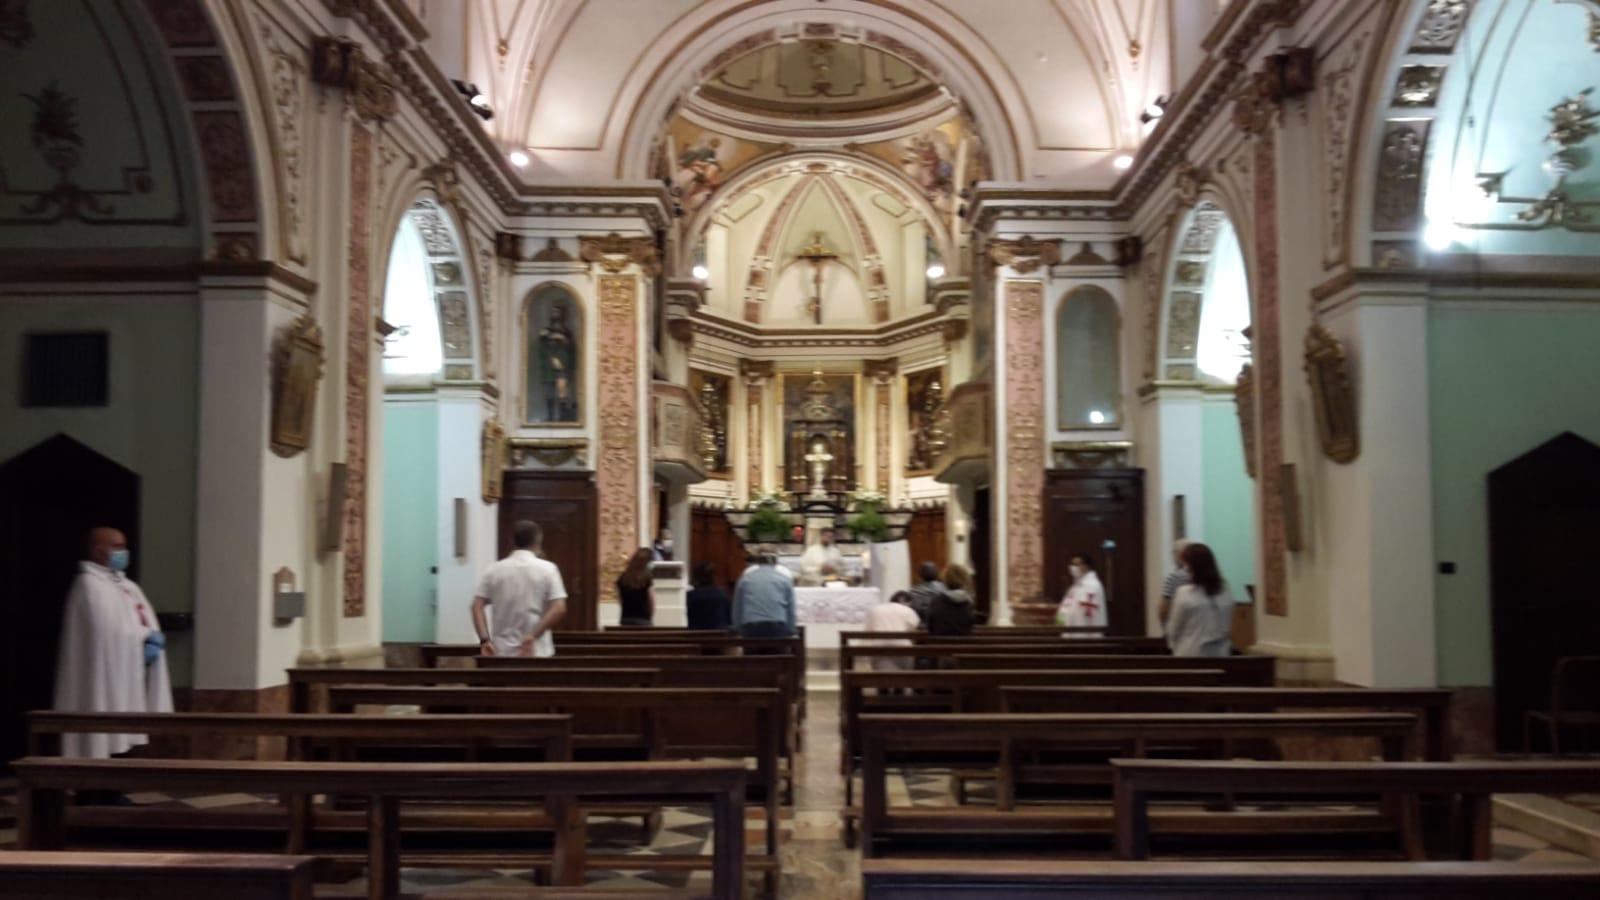 Riapertura Chiesa di S. Rocco a Barzana (BG)